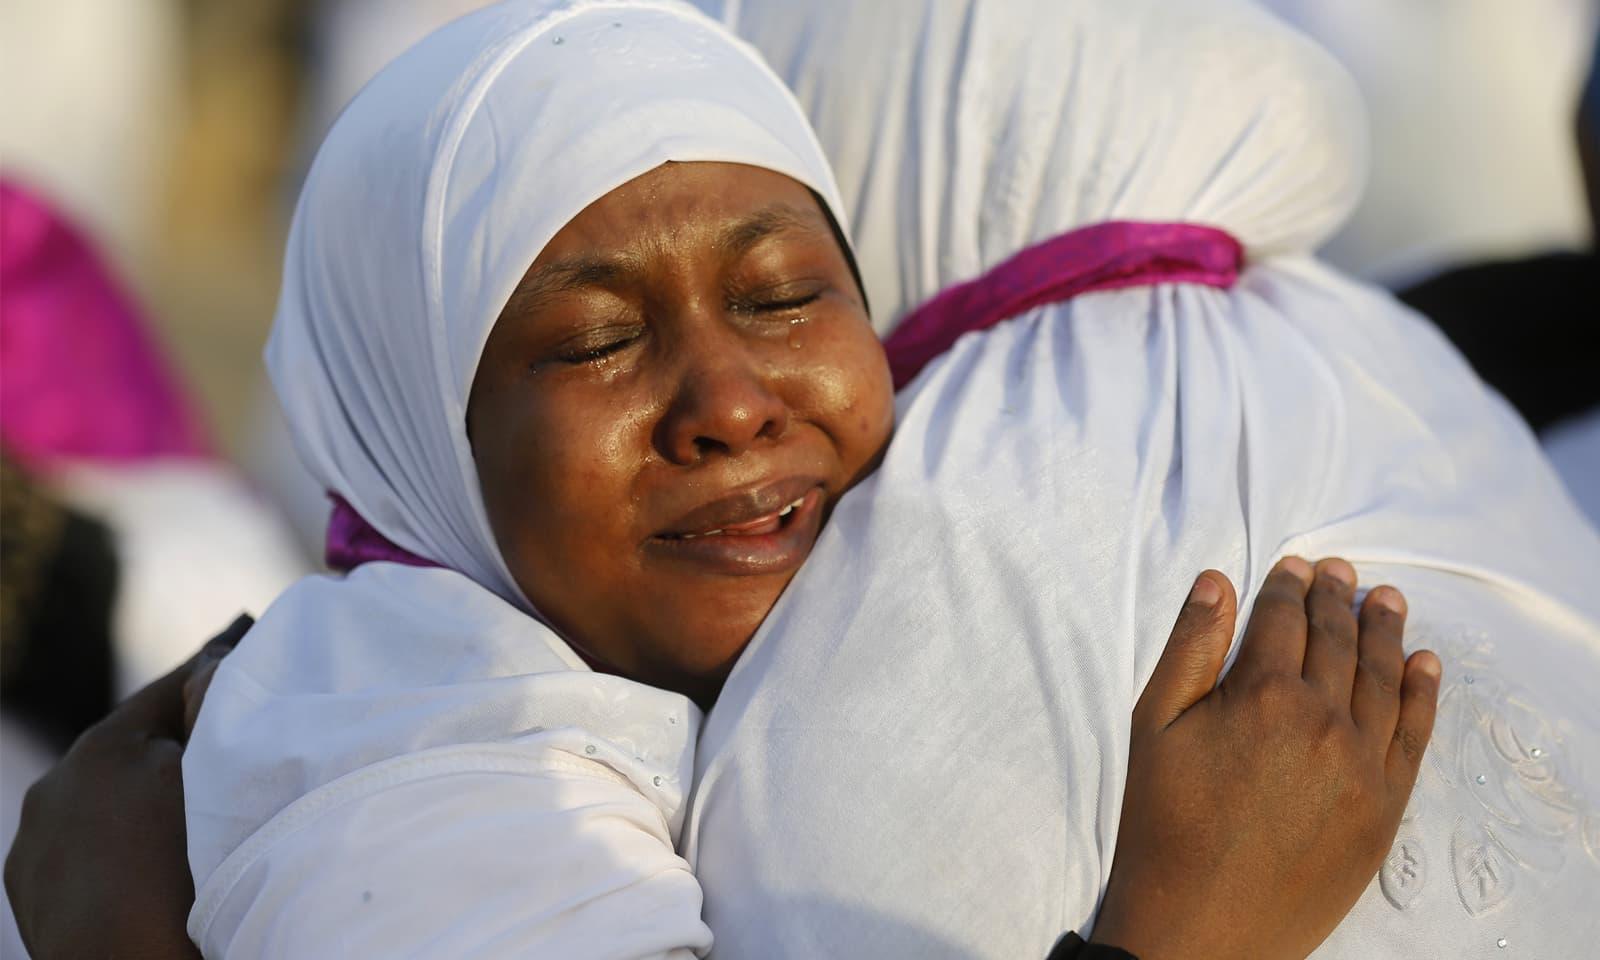 سوڈانی خواتین حج کا رکن اعظم 'وقوف عرفہ' ادا کرنے کے بعد ایک دوسرے کو مبارک باد دیتے ہوئے—فوٹو: اے پی